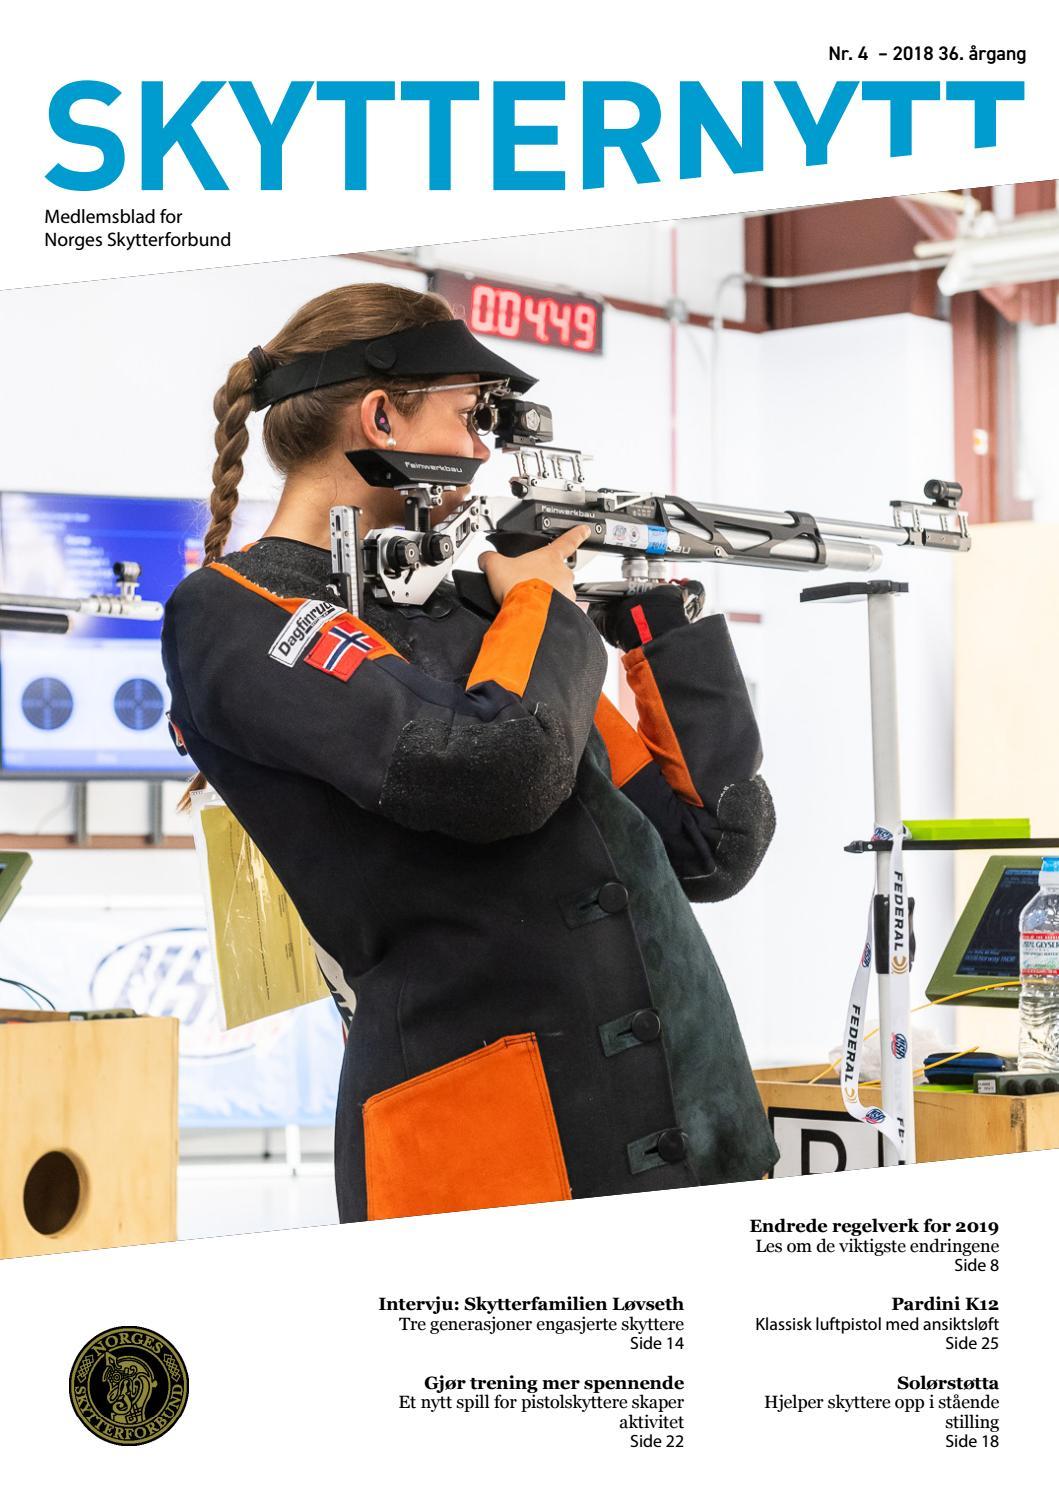 17eec15f7 Skytternytt #4 2018 by Norges Skytterforbund - issuu